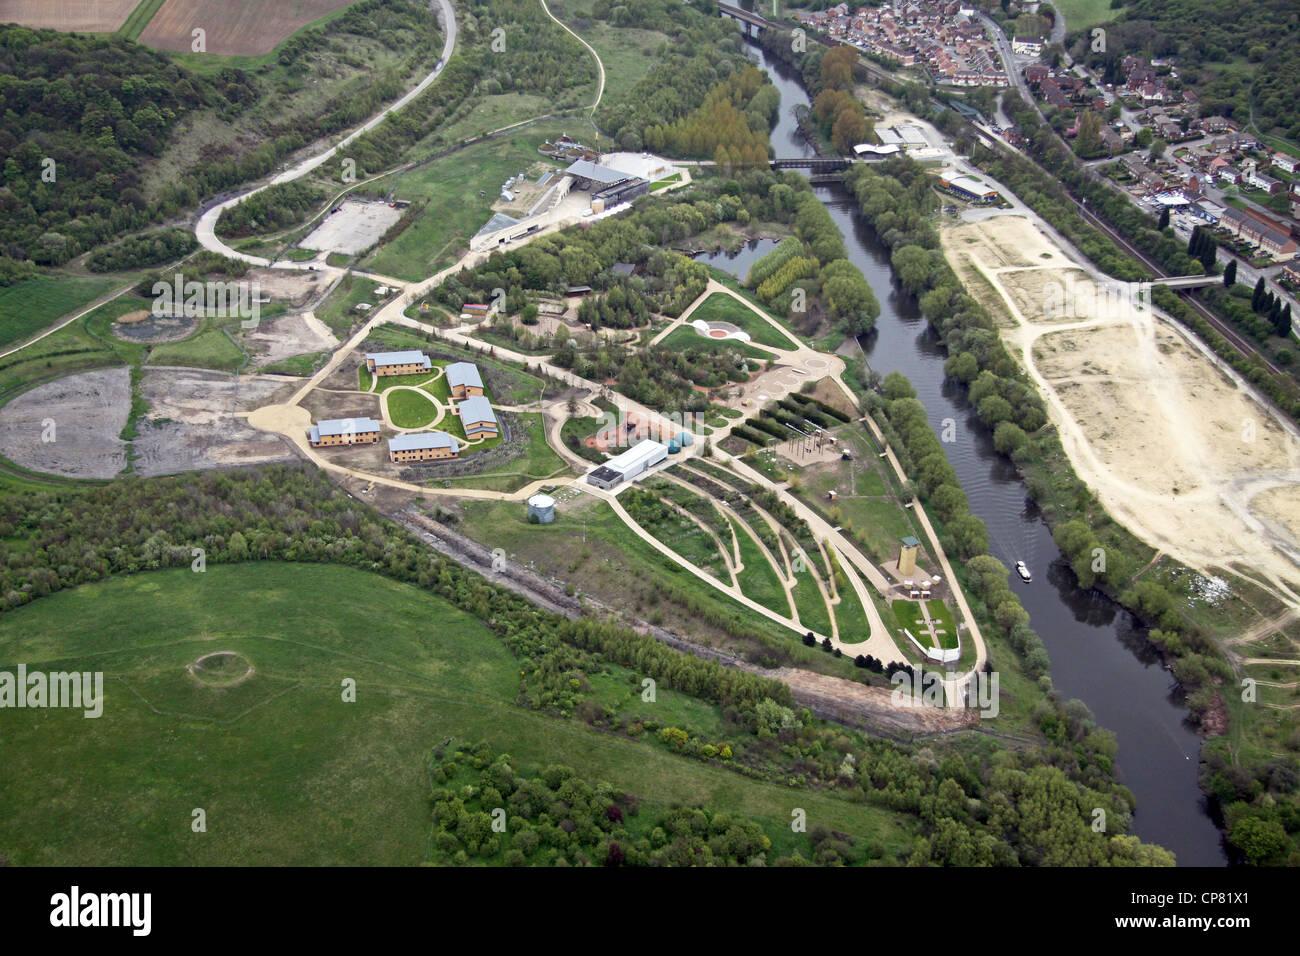 Luftaufnahme der Erde, jetzt geschlossen, bei Conisborough South Yorkshire Stockbild